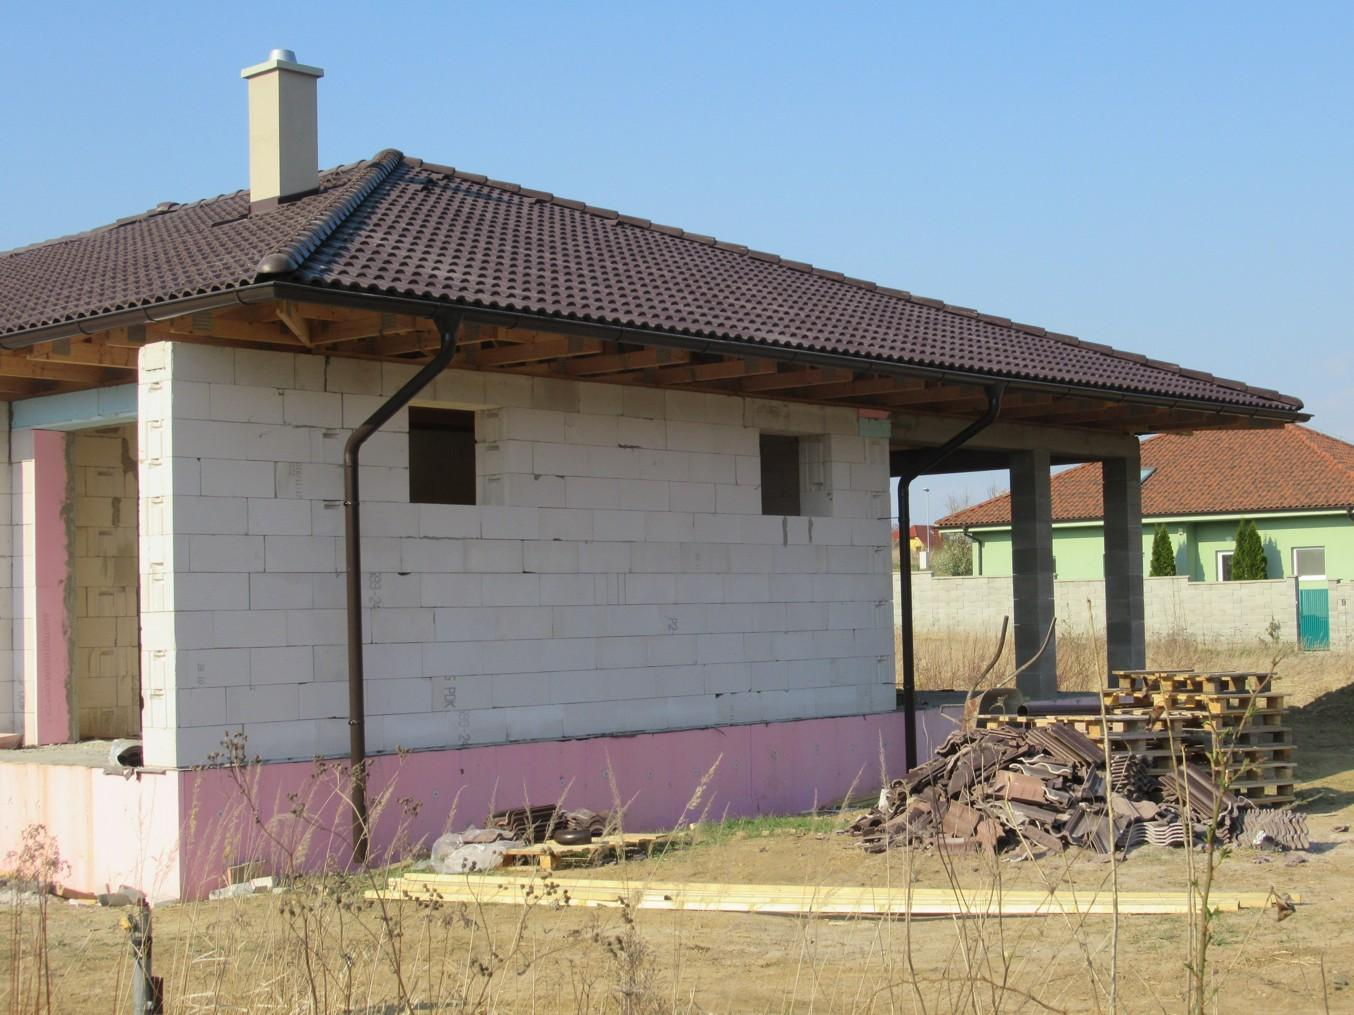 Väzníková strecha na kľúč s krytinou Terran Danubia EVO Mocca Kynek okr. Nitra - Obrázok č. 3